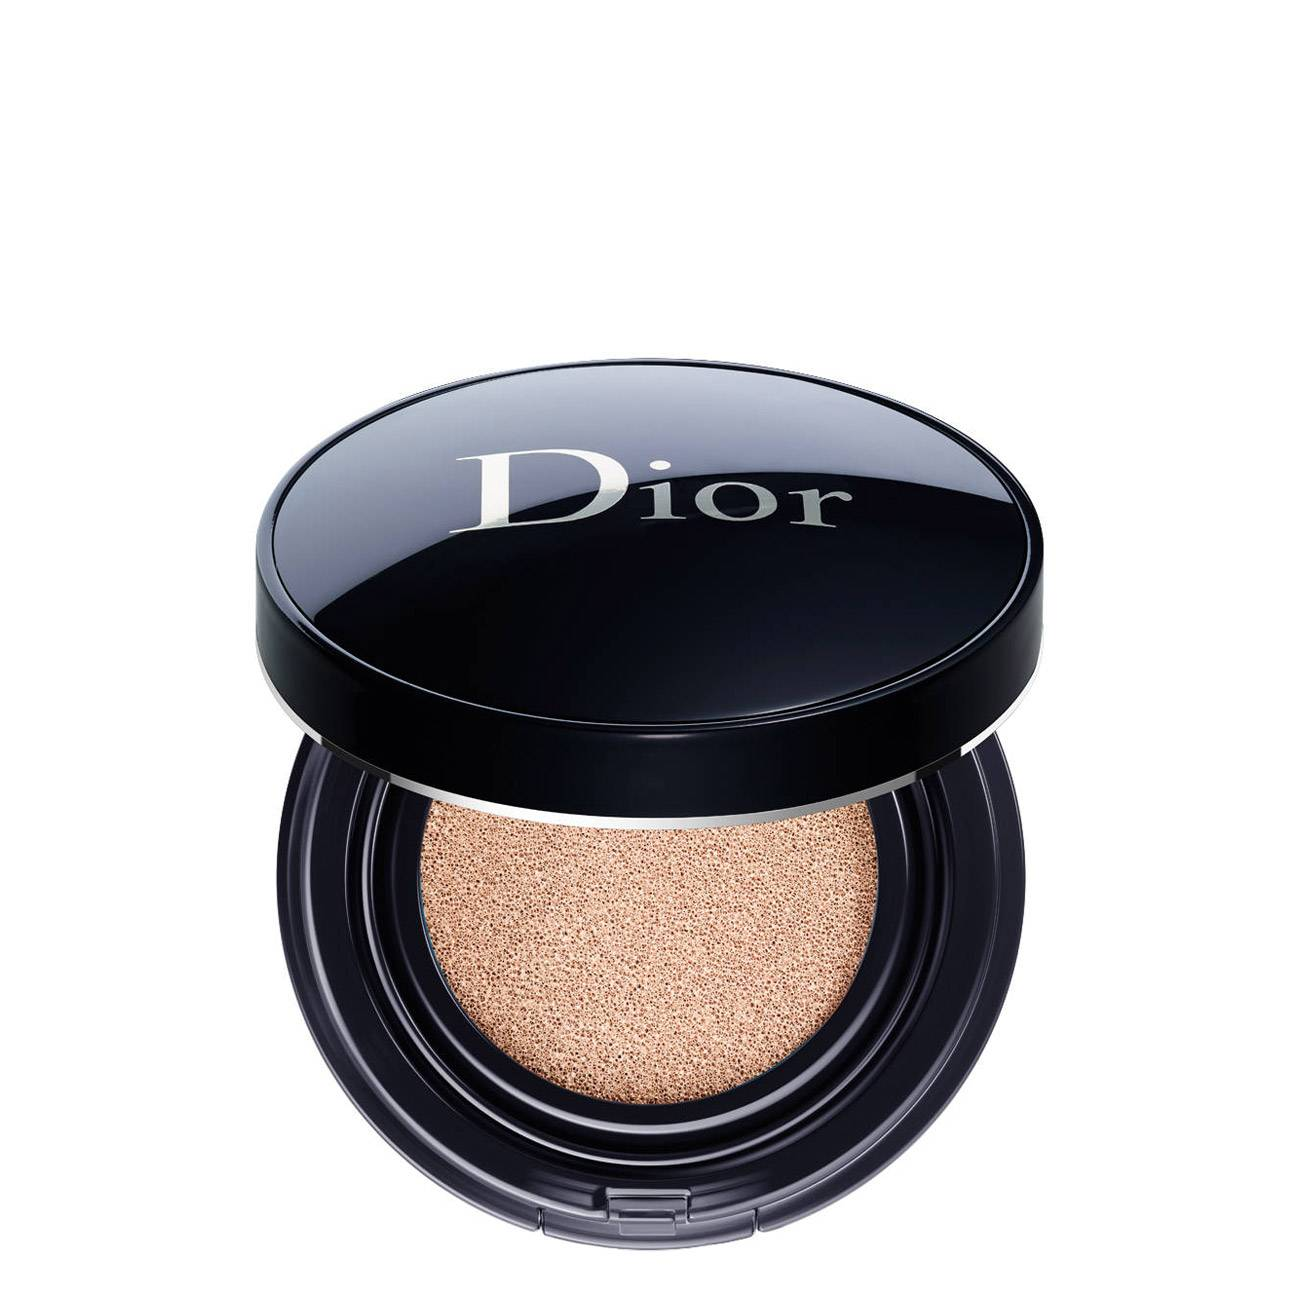 Diorskin Forever Perfect Cushion - 15 Gr 020-Light Beige Dior imagine 2021 bestvalue.eu